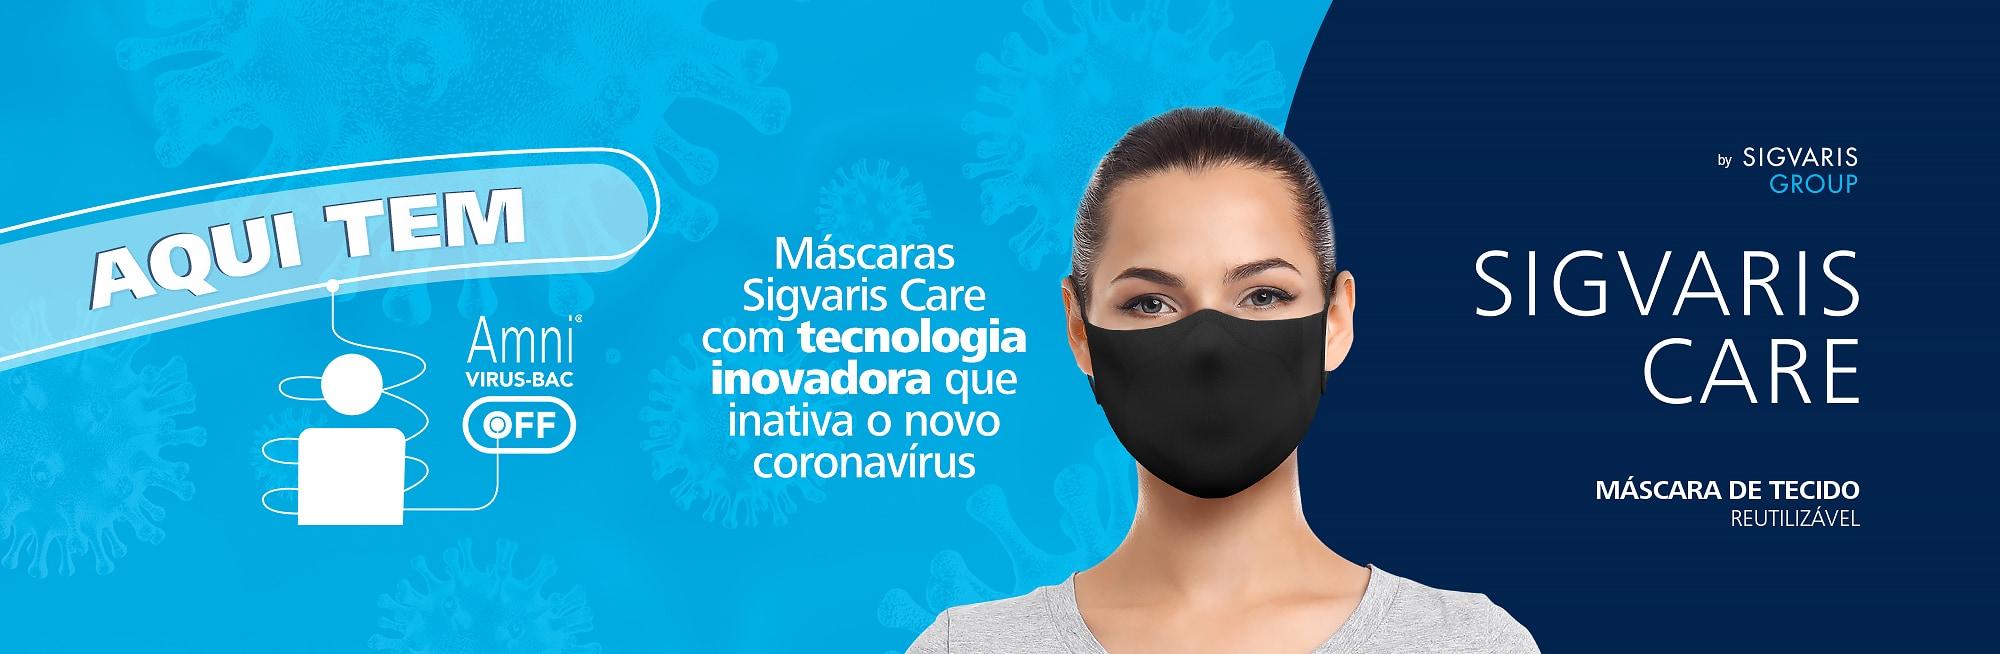 Lancamento_Mascara_P_M